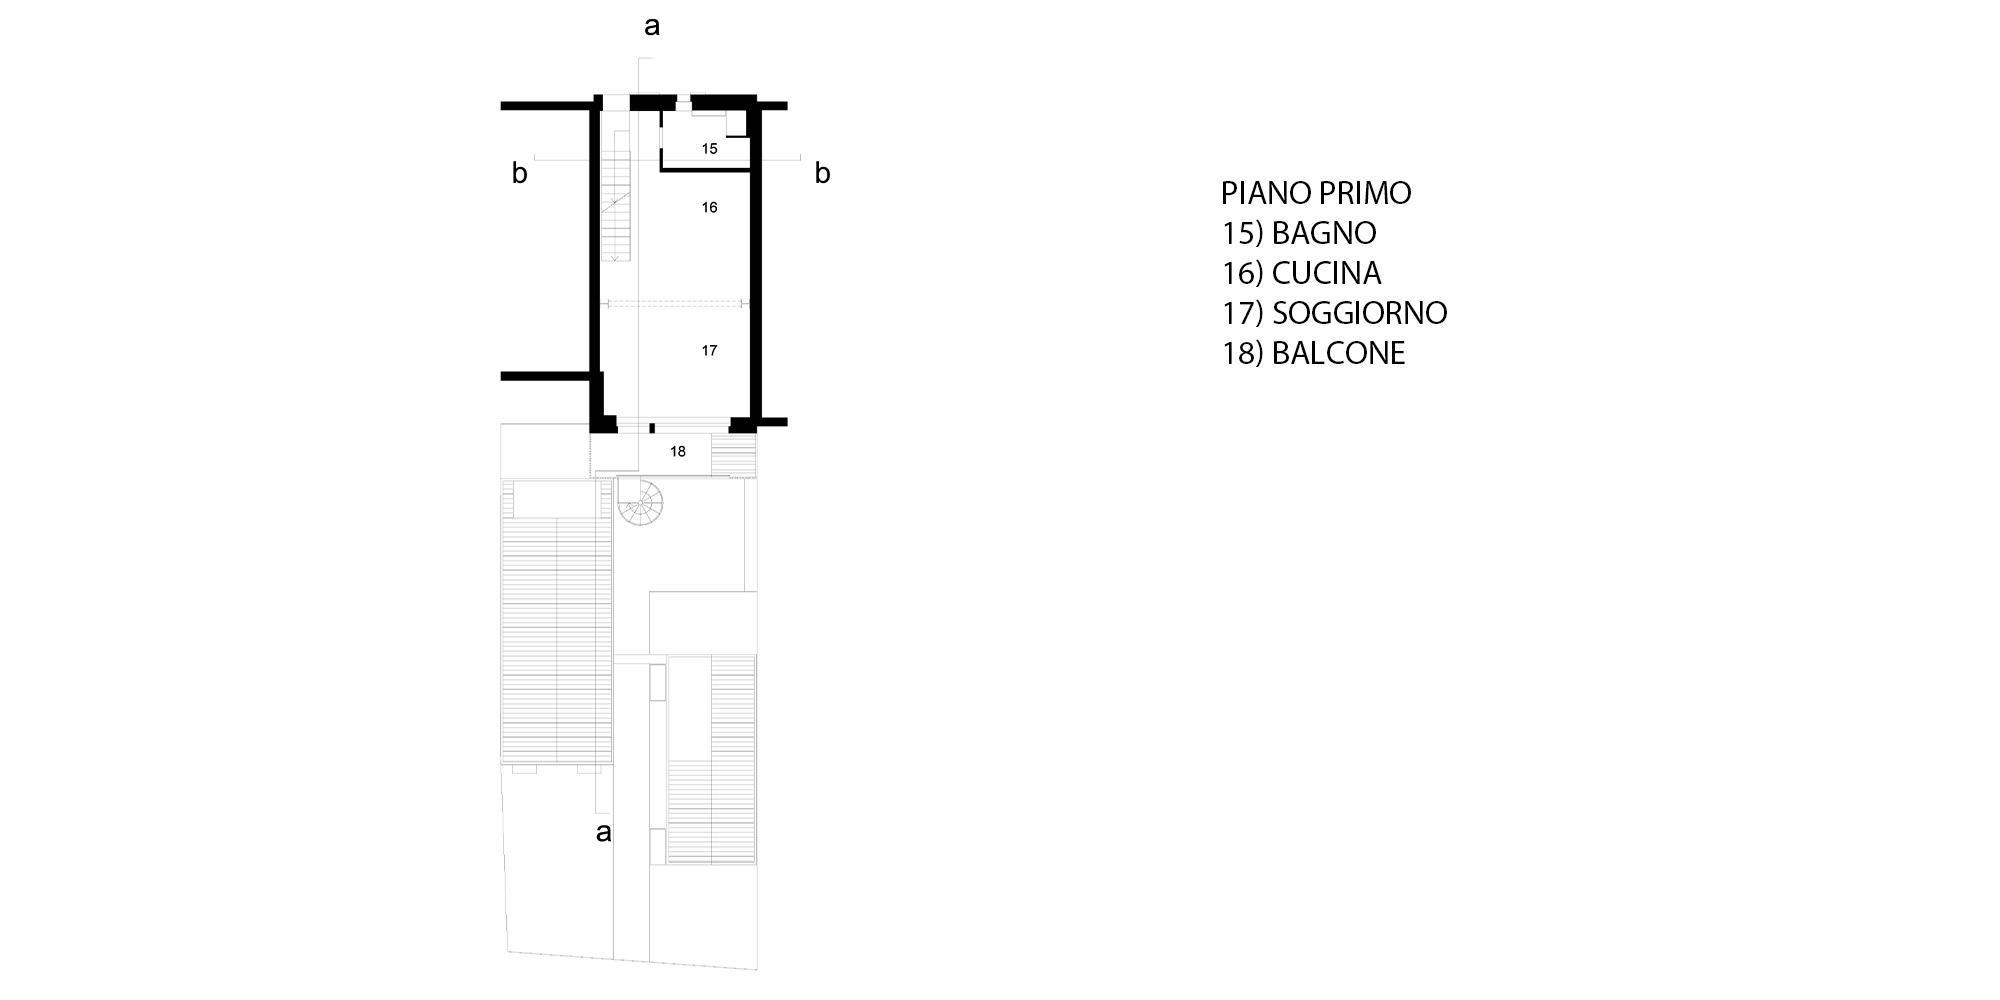 Pianta Piano Primo © Piraccini + Potente Architettur